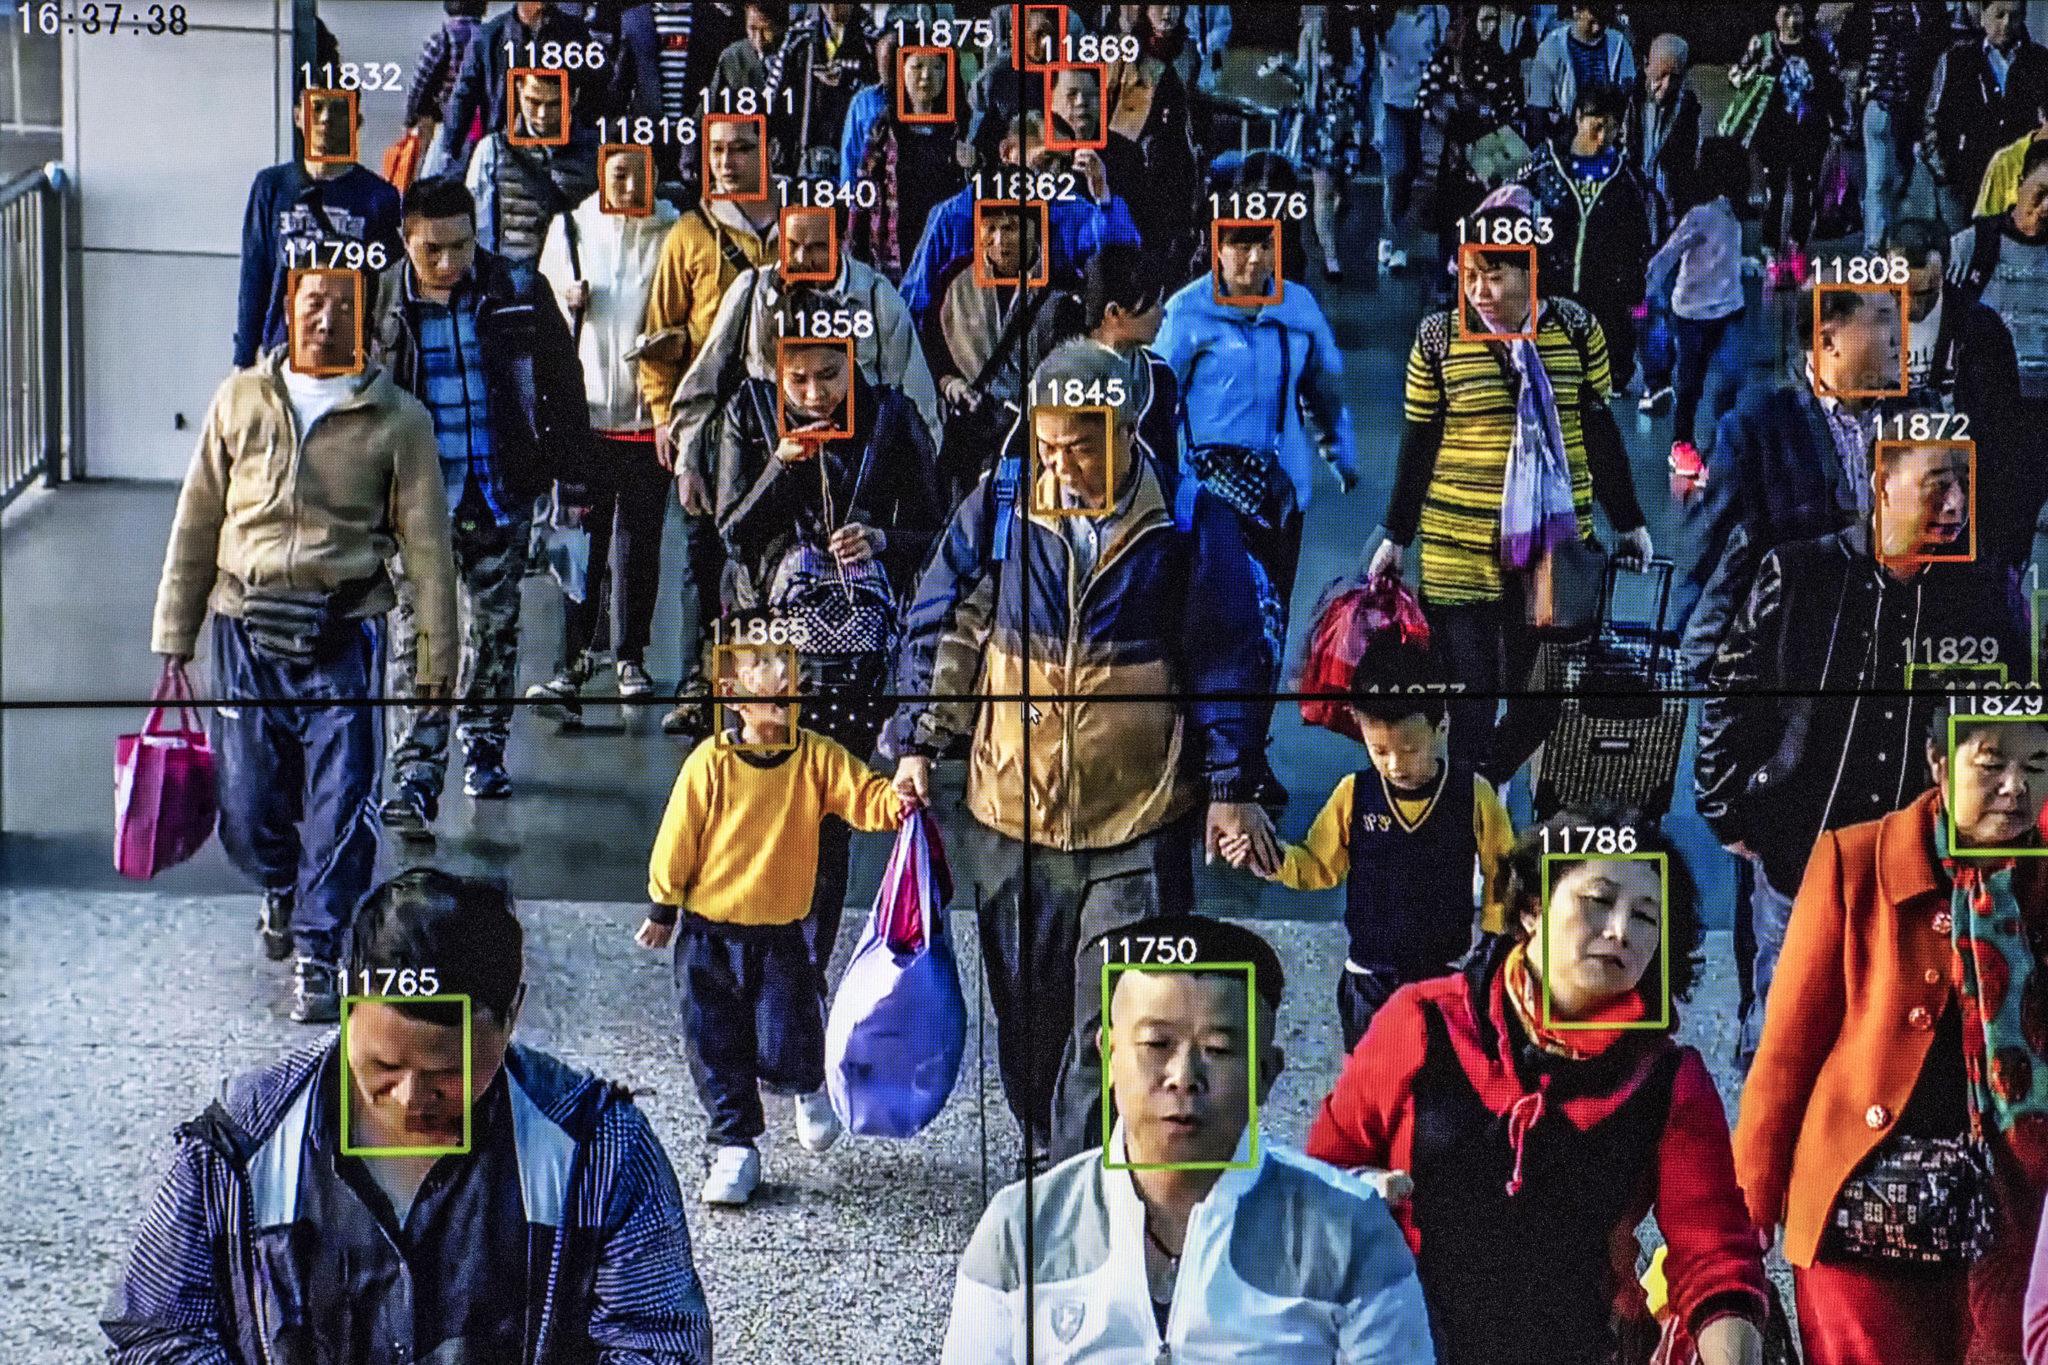 Nicht geimpfte Menschen werden in China aus Universitäten, Krankenhäusern und Supermärkten verbannt